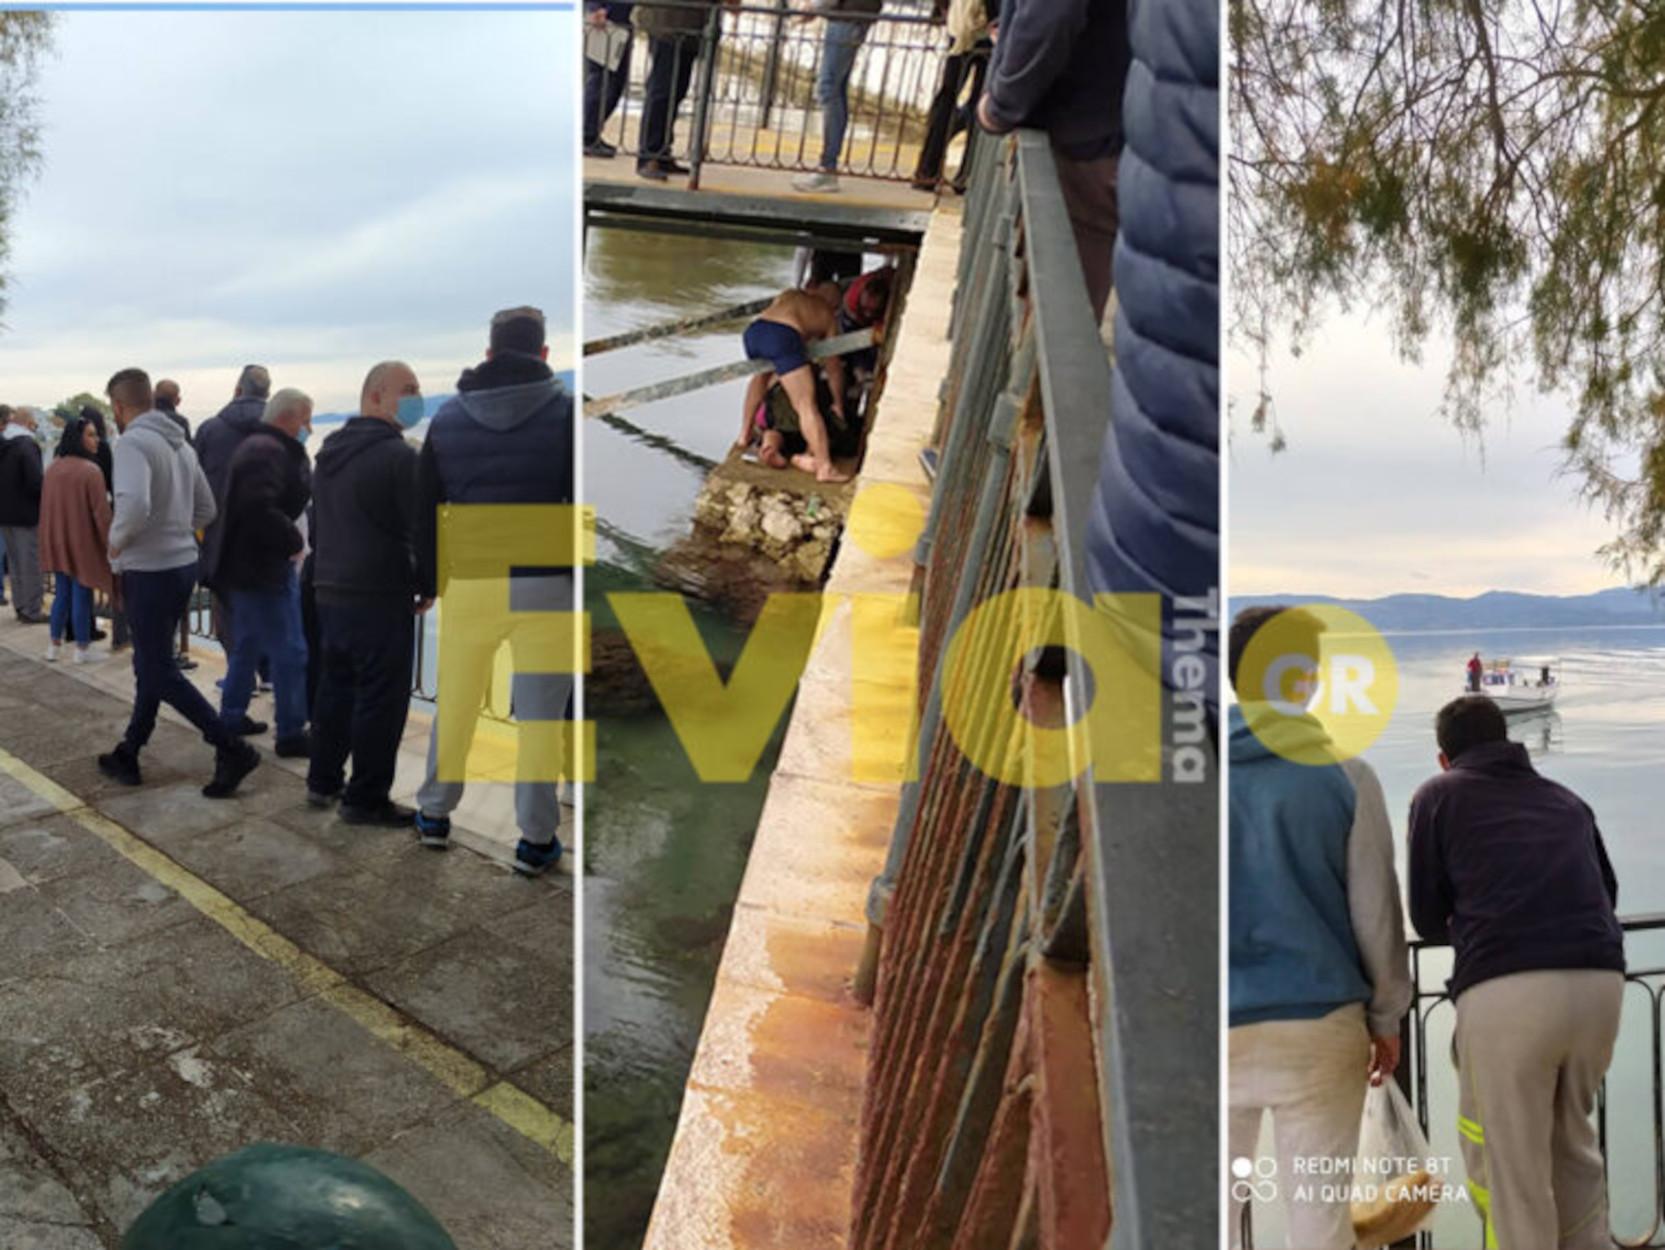 Εύβοια: Χτύπησε μπροστά στους γονείς του – Σοκάρουν οι λεπτομέρειες για τον τραυματισμό του 24χρονου